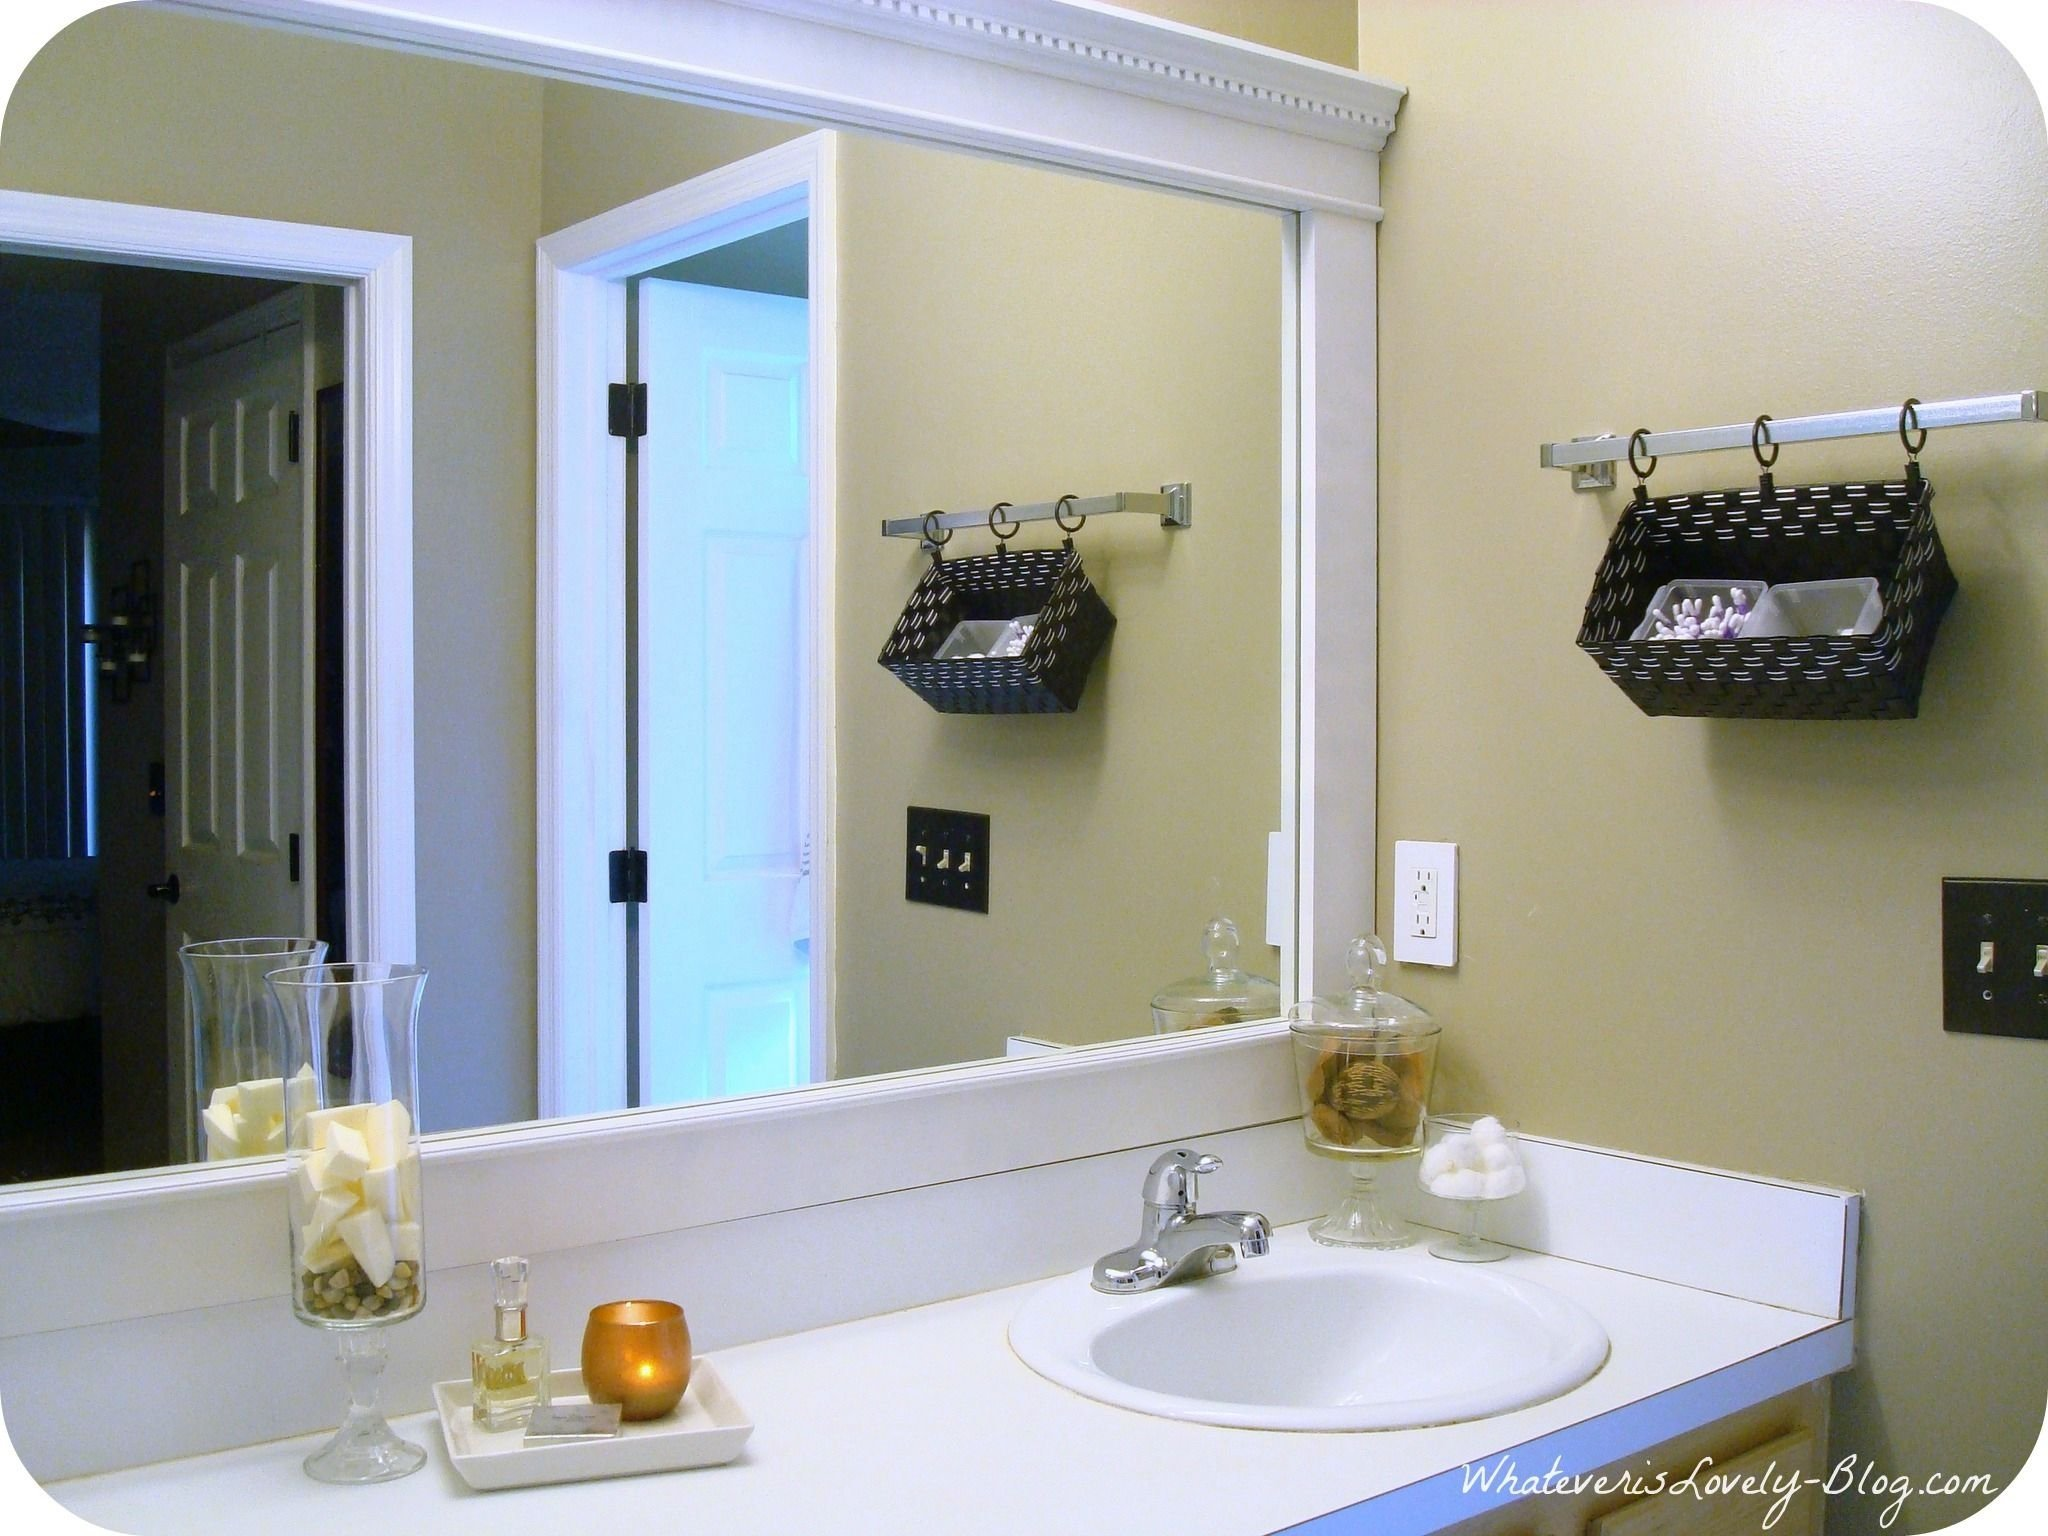 10 Lovable Diy Bathroom Mirror Frame Ideas stunning diy framing large bathroom mirror u of frame ideas styles 2020